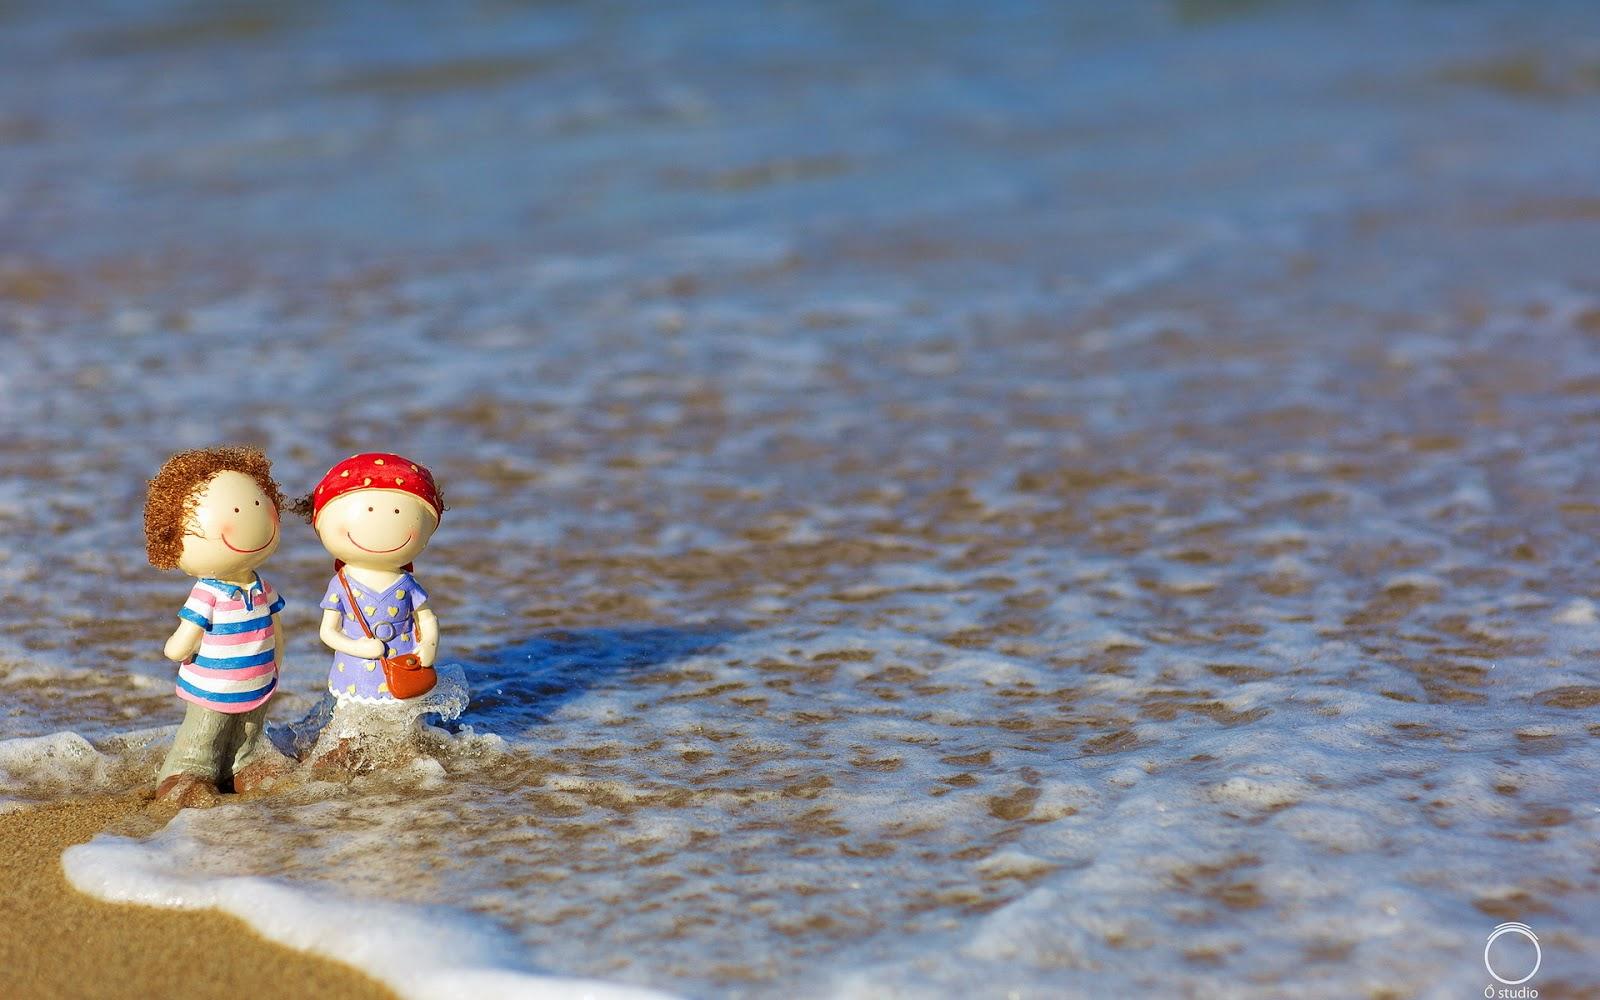 Nhắc đến mùa hè là người ta nghĩ ngay đến biển, một nơi đầy nắng và gió, hòa mình vào đại dương bao la sẽ giúp xua tan đi mọi mệt nhọc ...